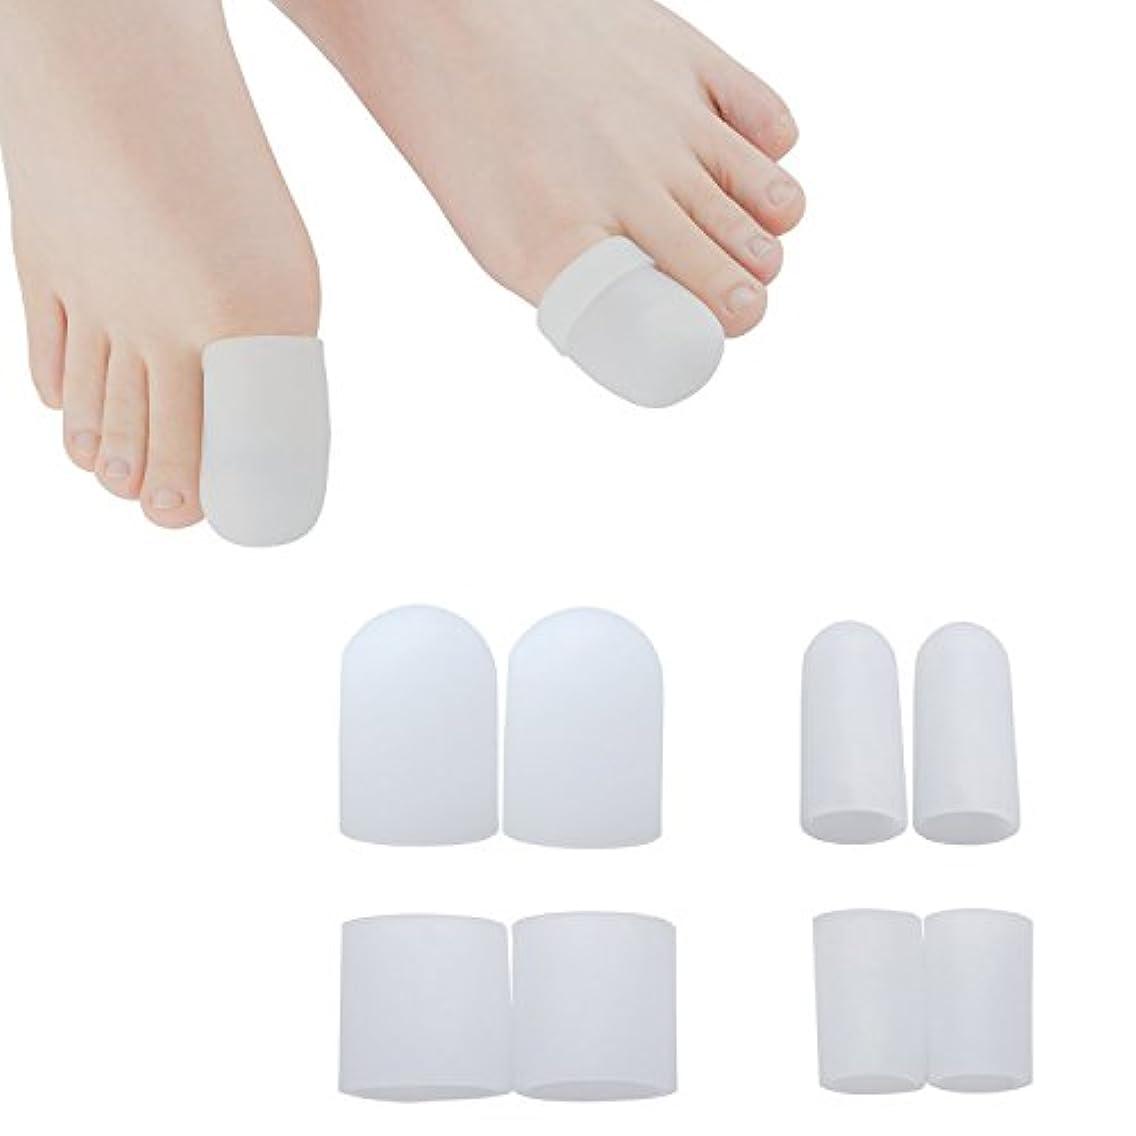 サバント抗生物質有名な足指保護キャップ つま先プロテクター 足先のつめ保護キャップ シリコン